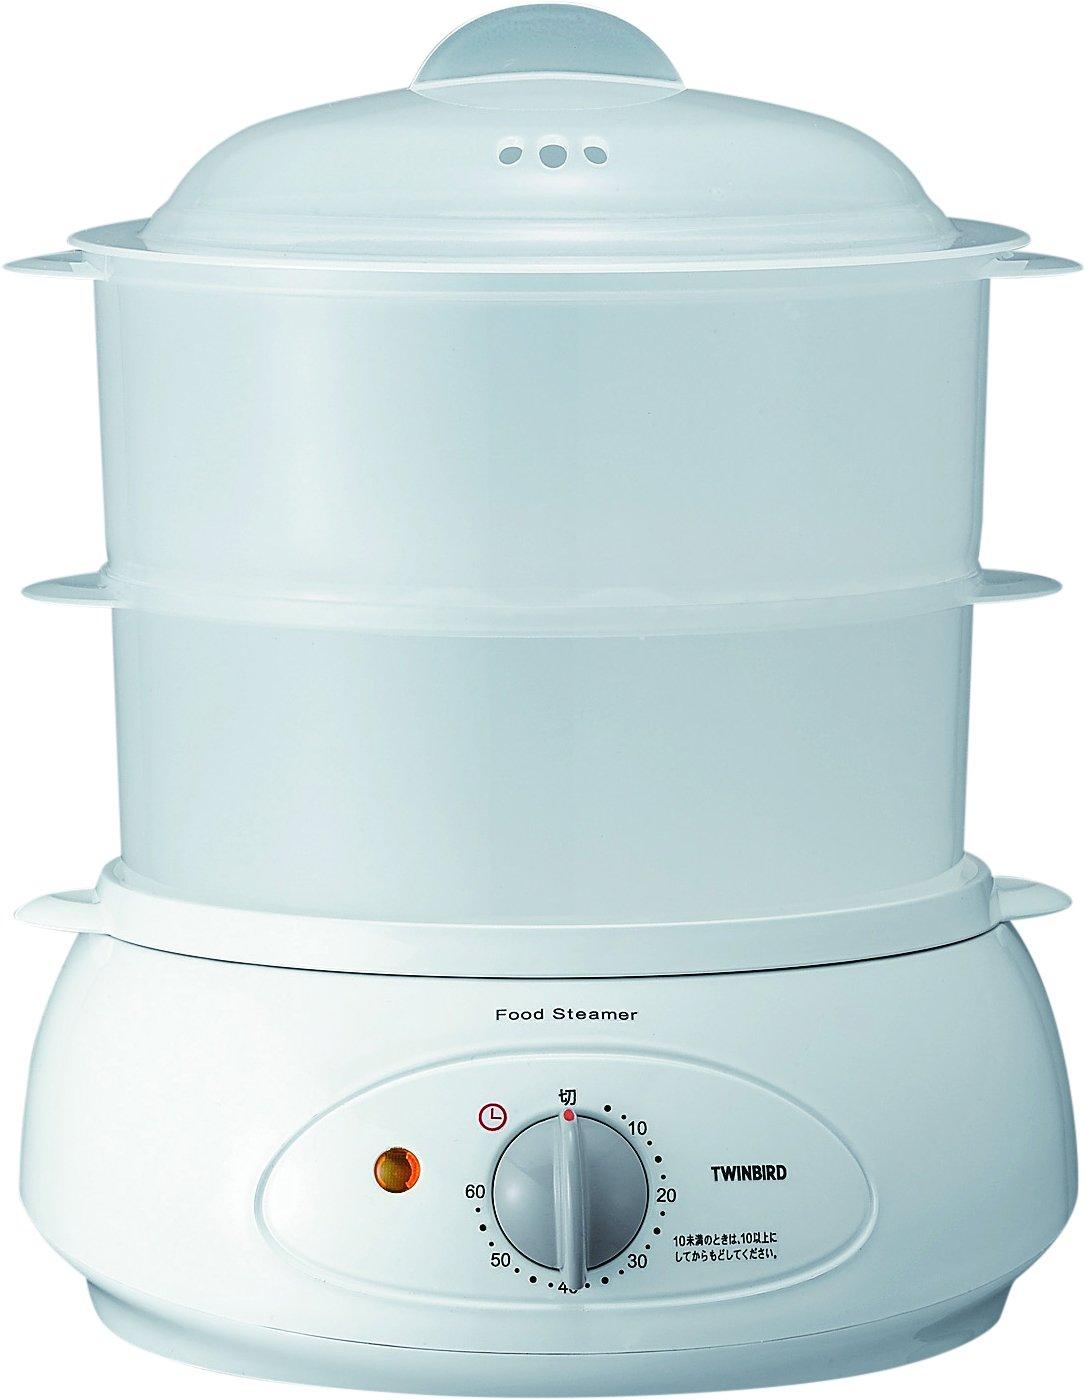 Amazon.com: TWINBIRD food steamer white SP-4137W: Kitchen & Dining